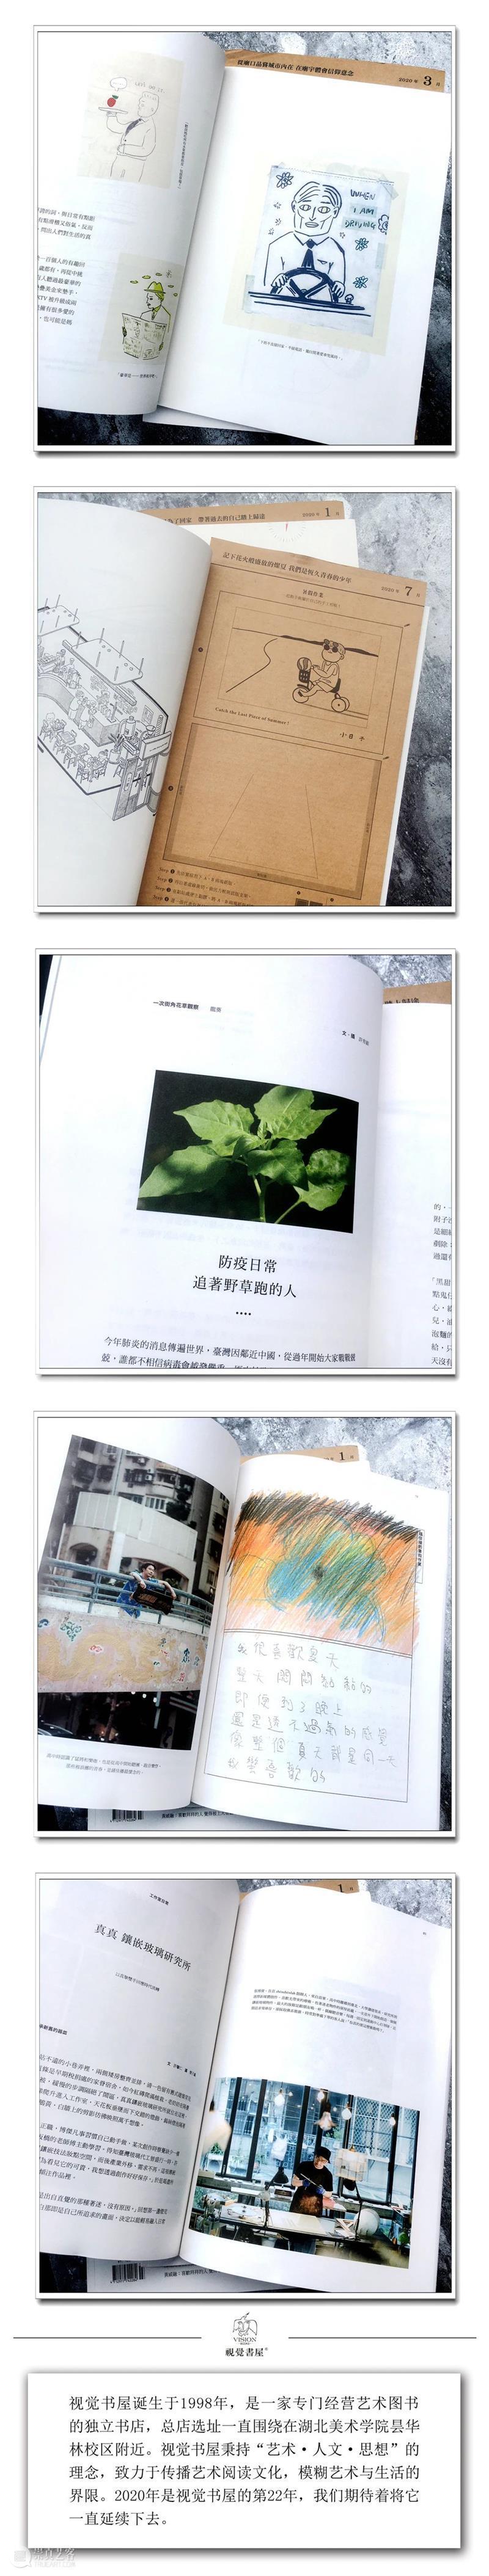 一日一书   来自台湾的生活风格杂志《小日子》 崇真艺客